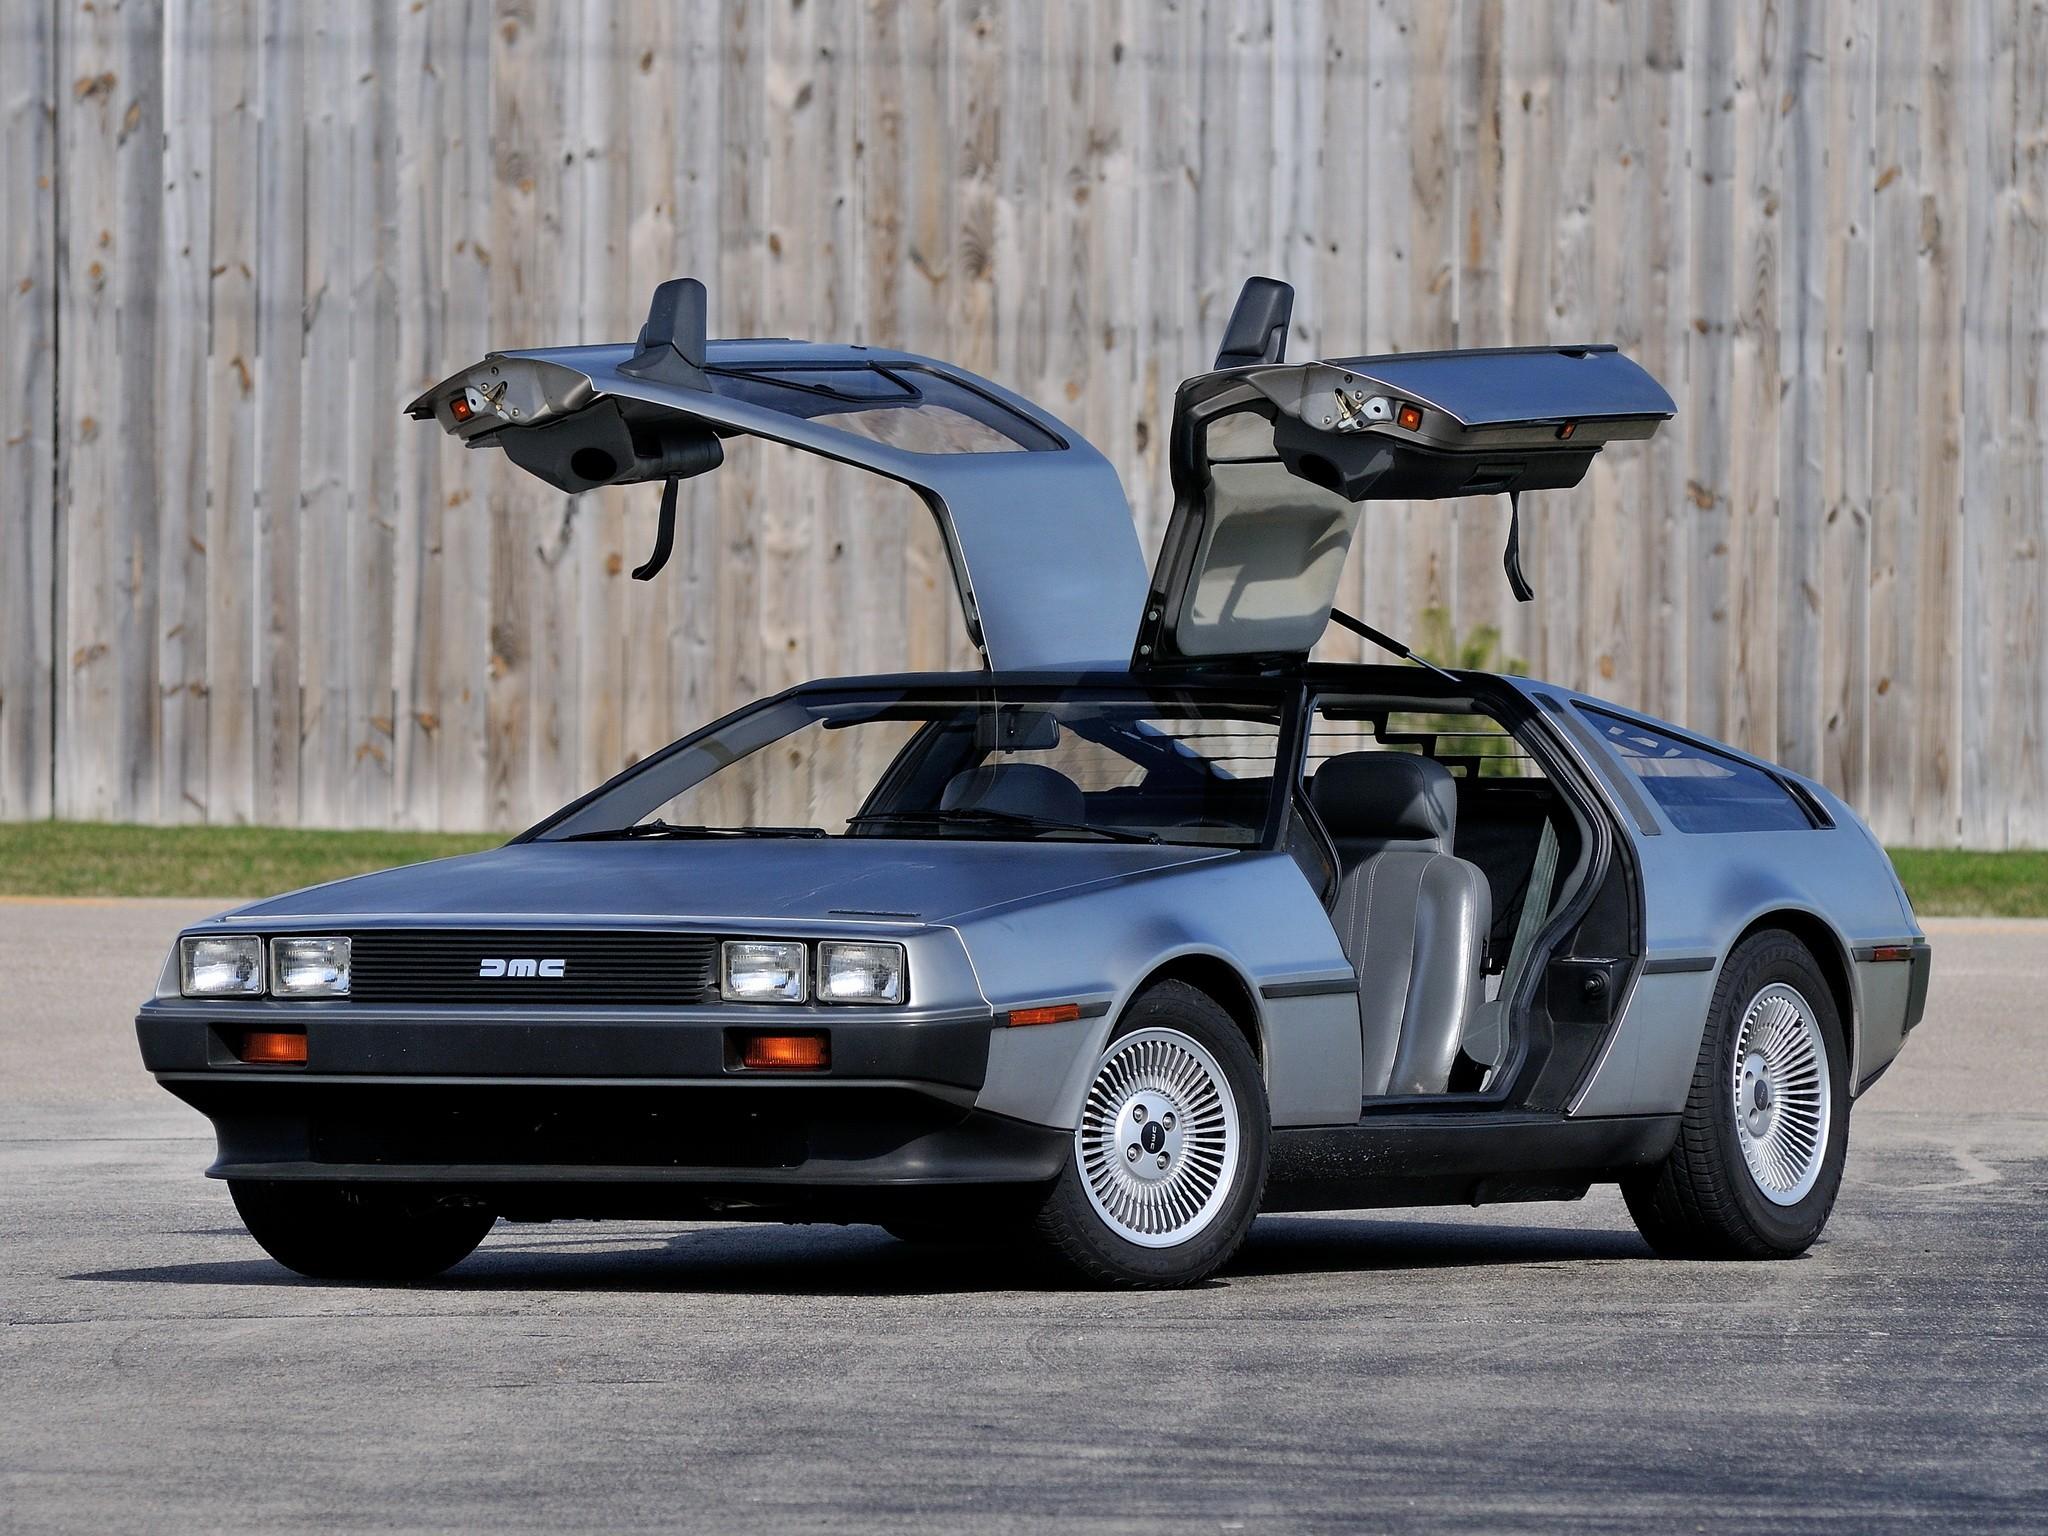 Компания Delorean Motor Company из Техаса в следующем году может запустить мелкосерийный выпуск доработанного DeLorean DMC-12, известного по кинокартине «Назад в будущее».